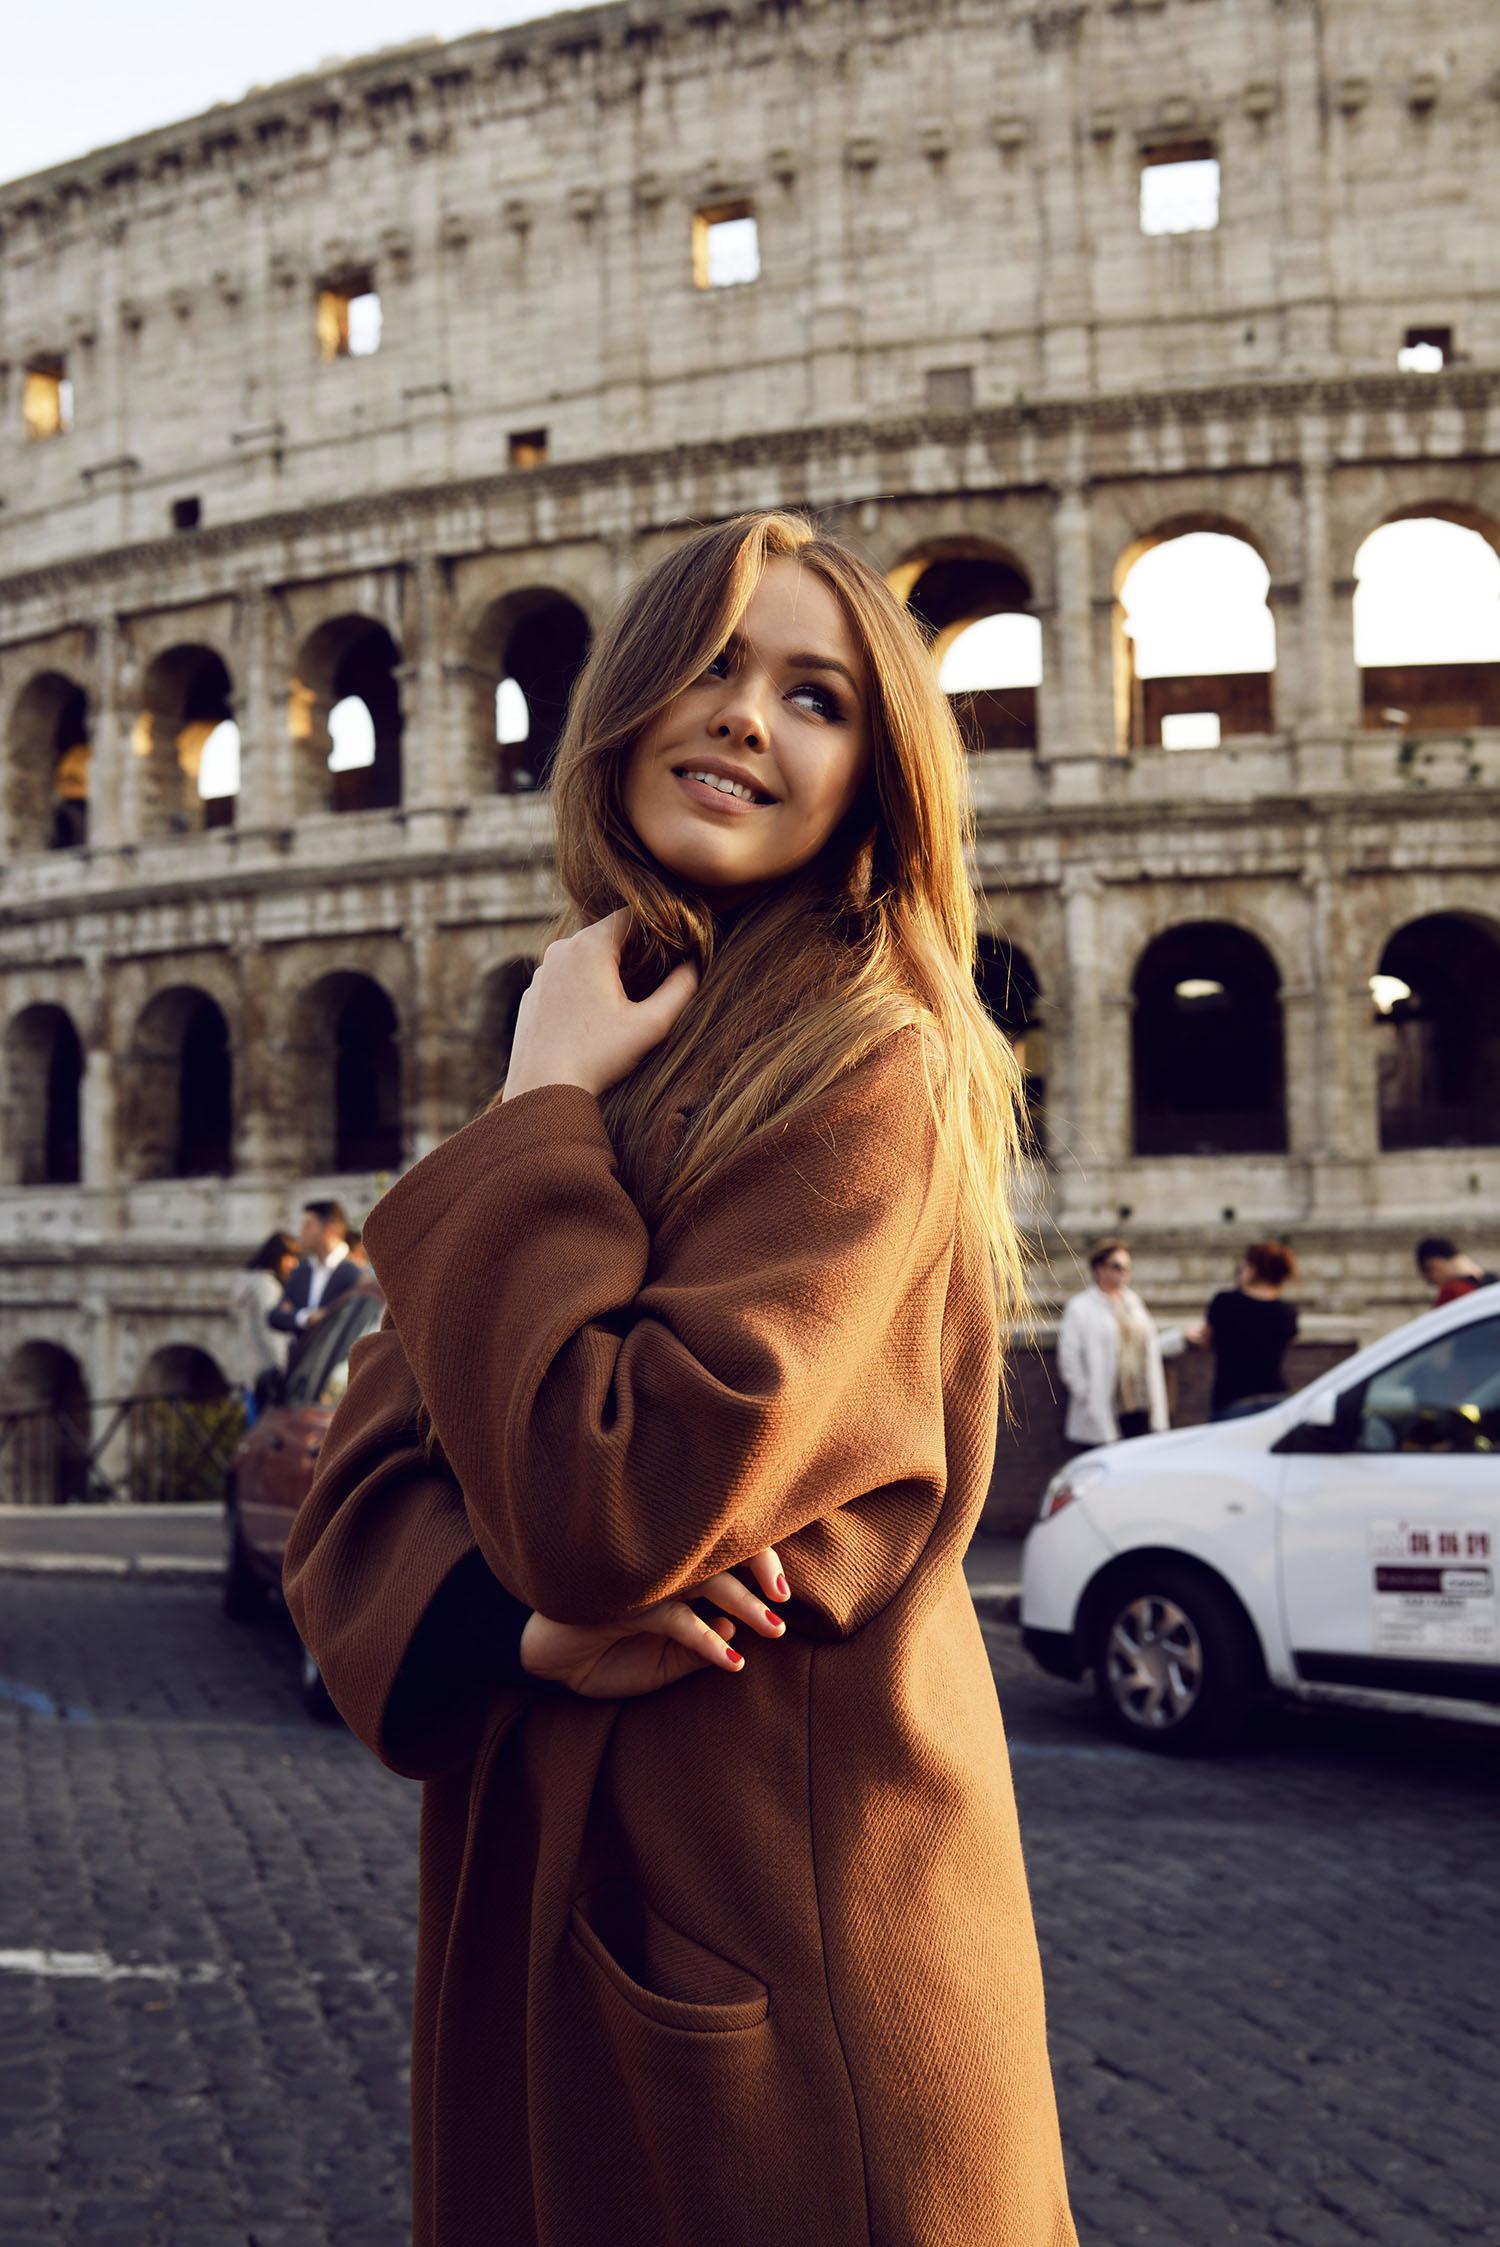 Pretty Italian Girls Tumblr